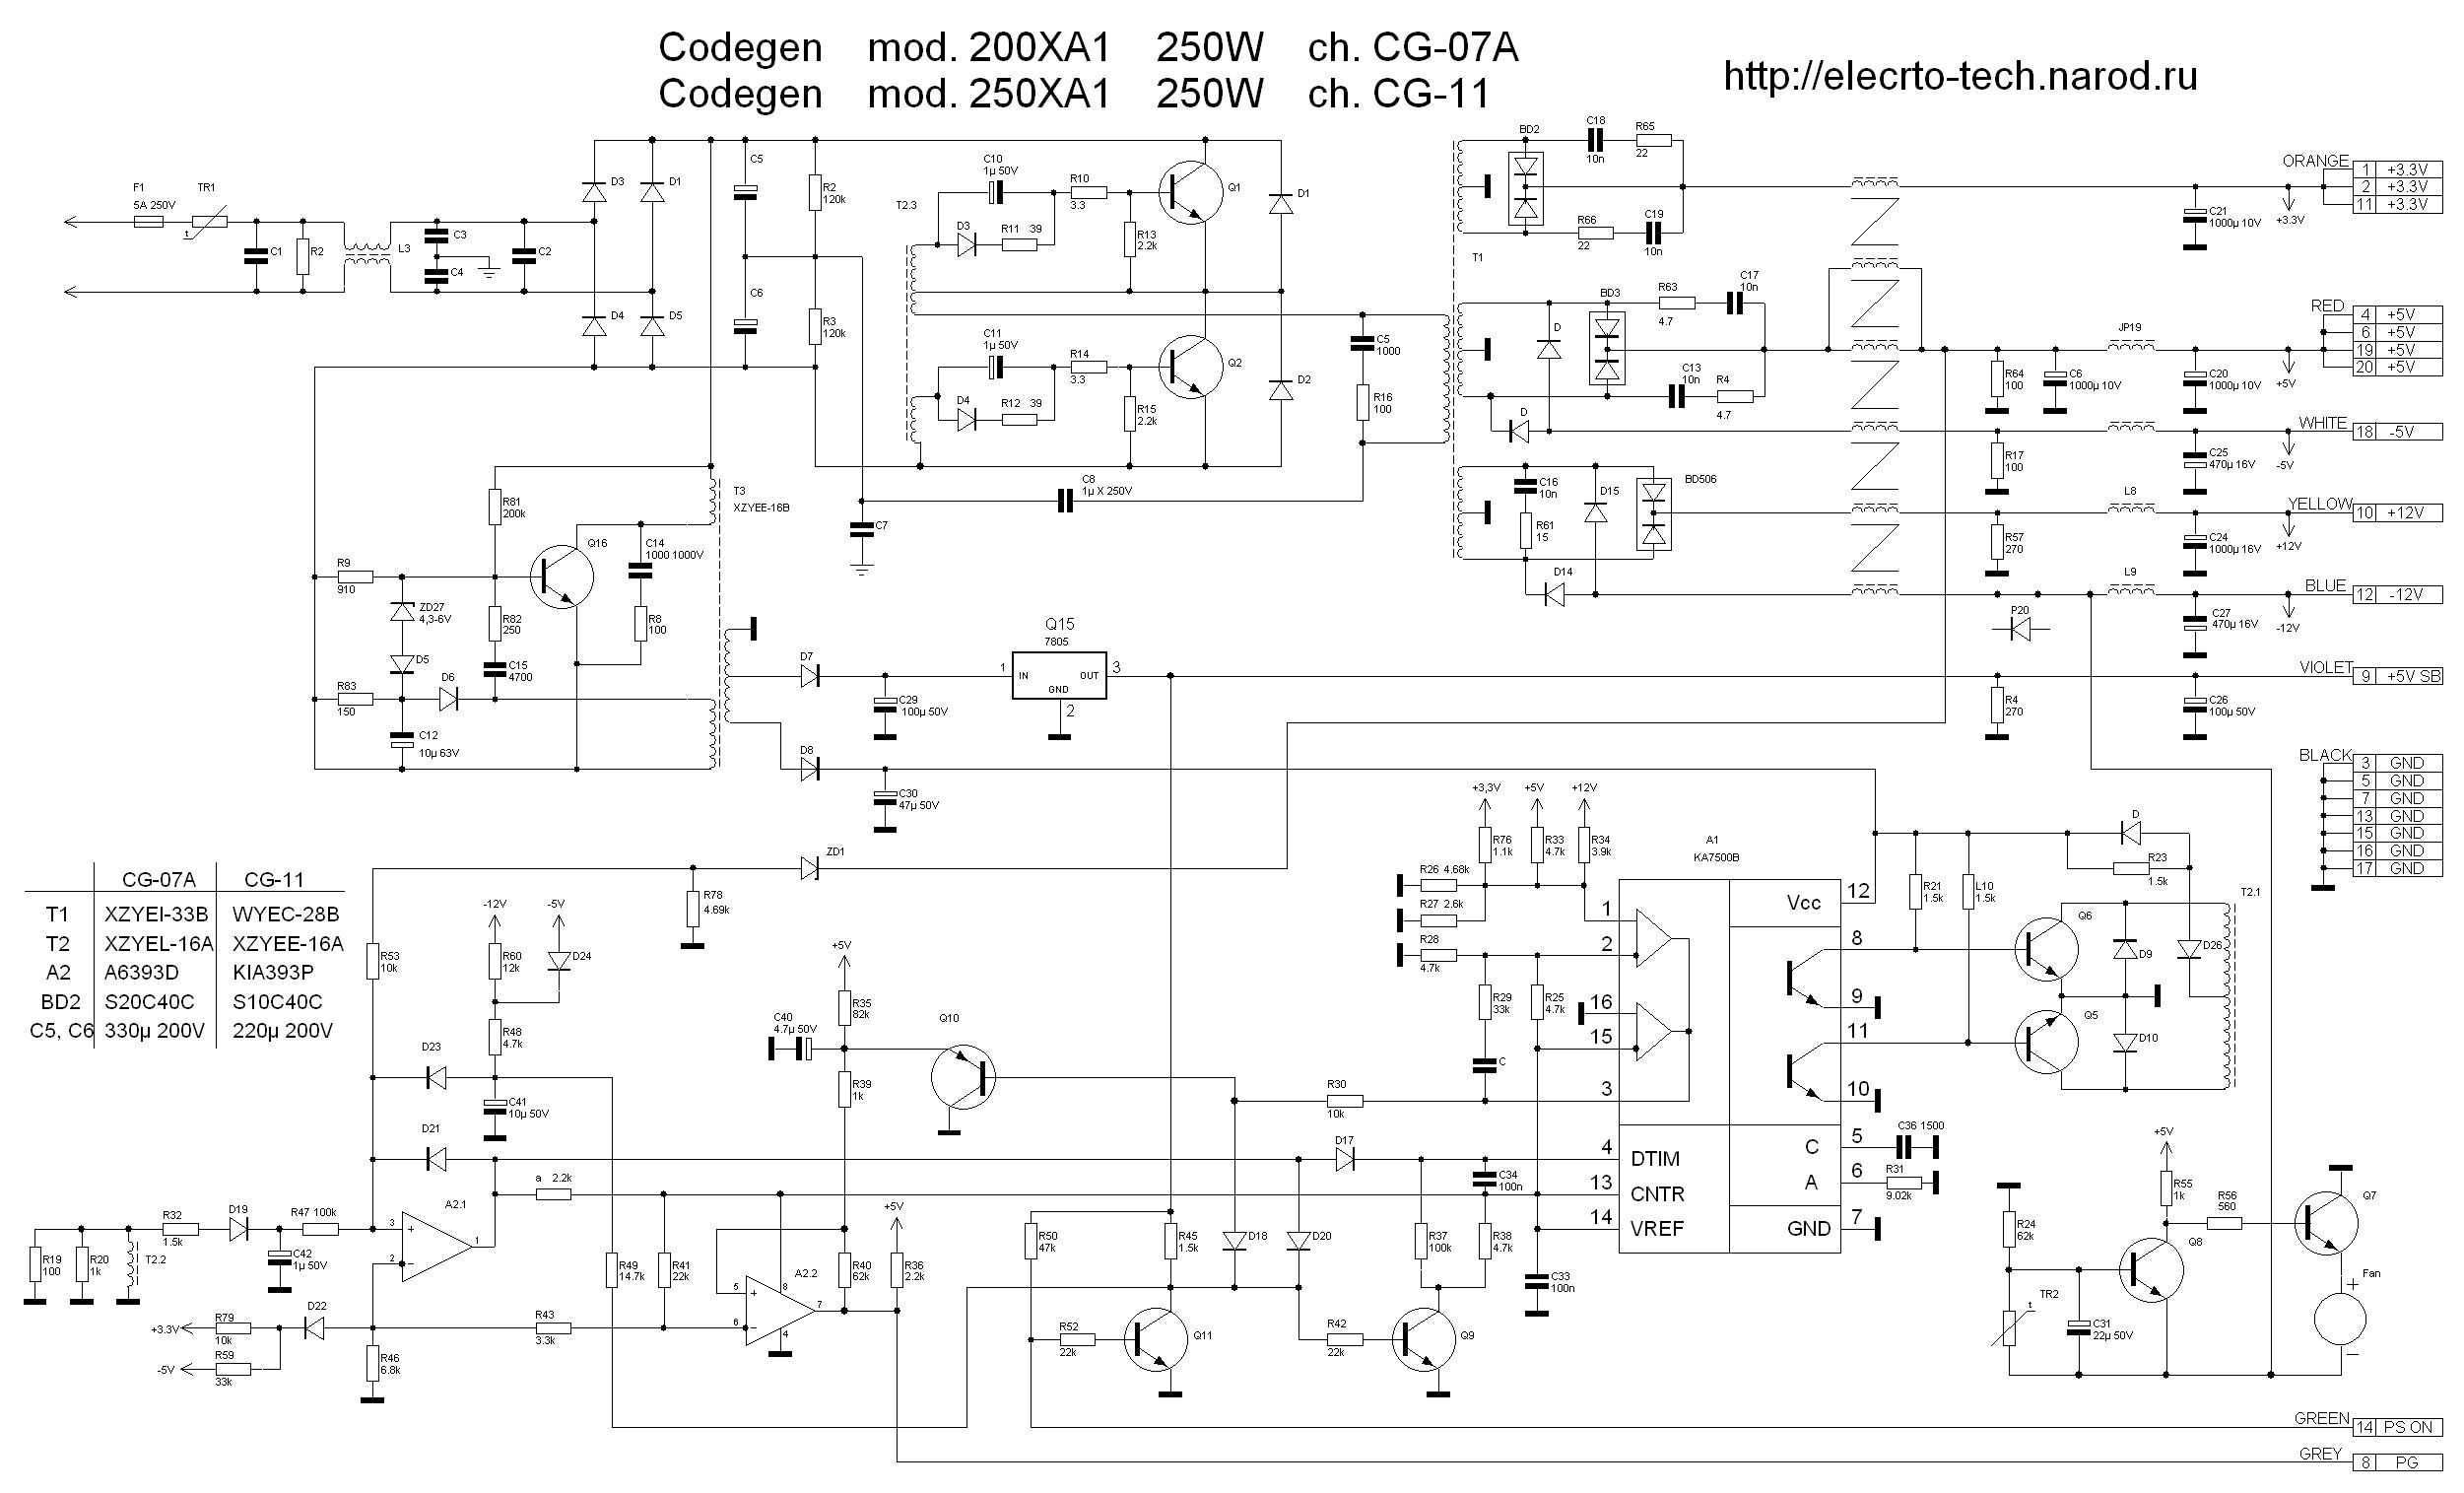 Codegen ATX 250W 250XA1